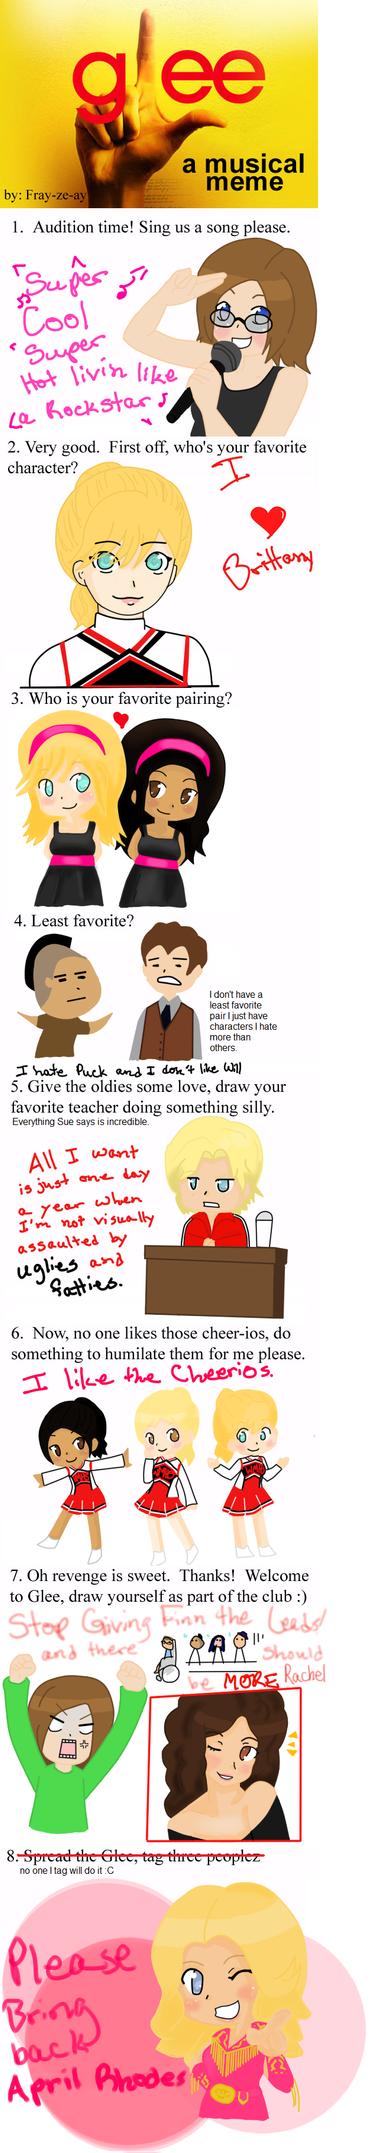 Glee Meme by IHeartAndrea on DeviantArt